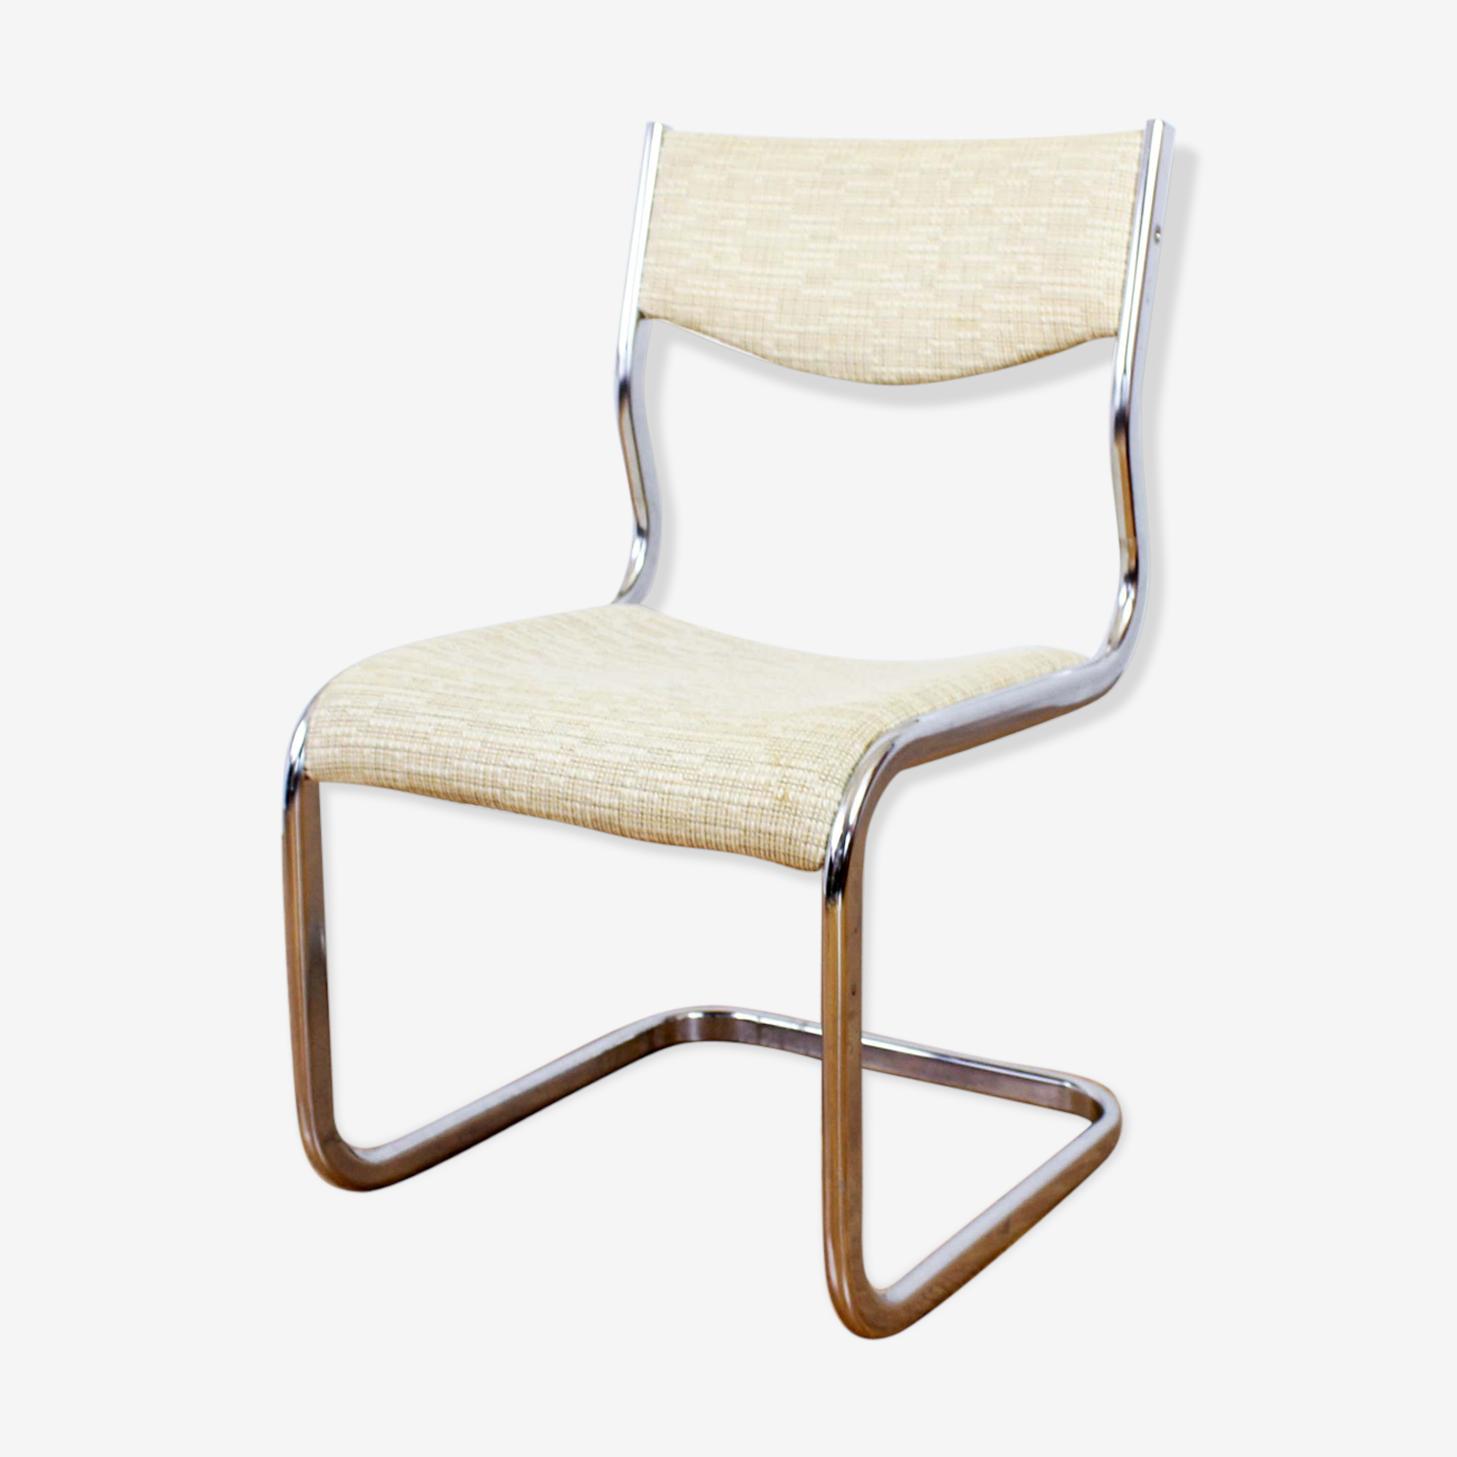 Bauhaus Chair in fabric